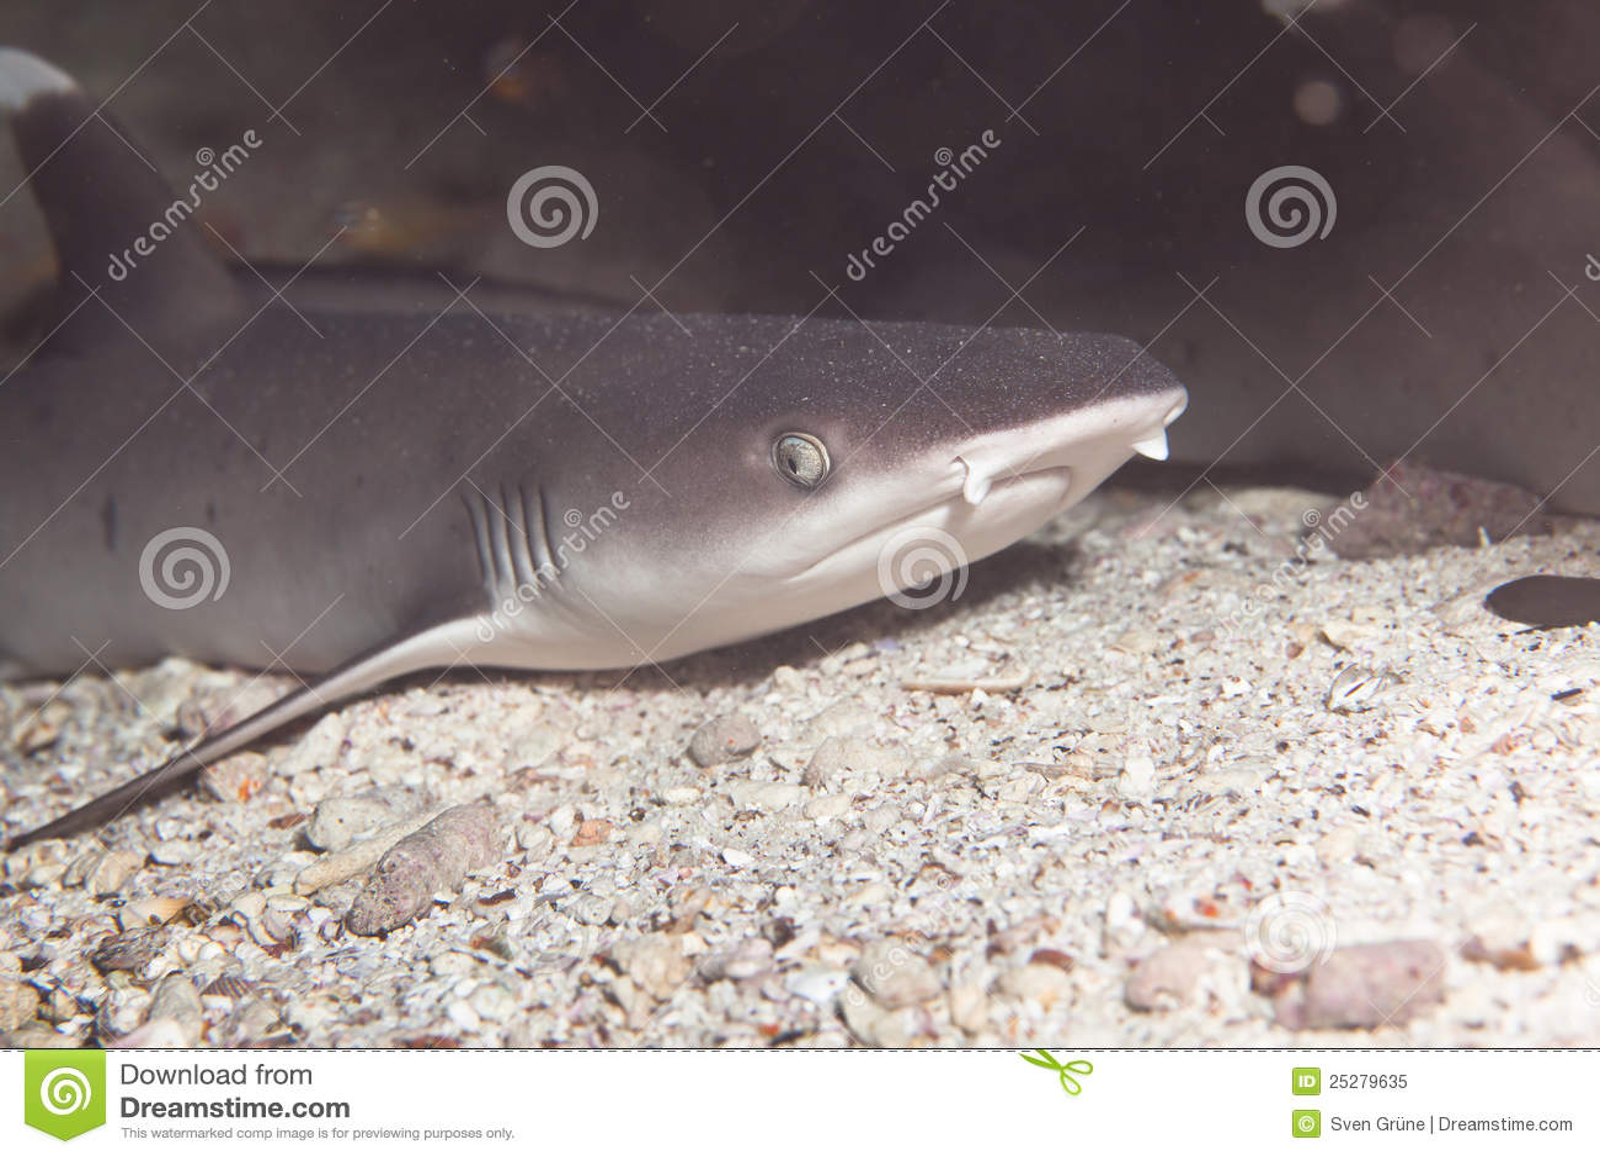 Download Weißer Spitzerifhaifisch stockbild. Bild von unter, haifische - 25279635